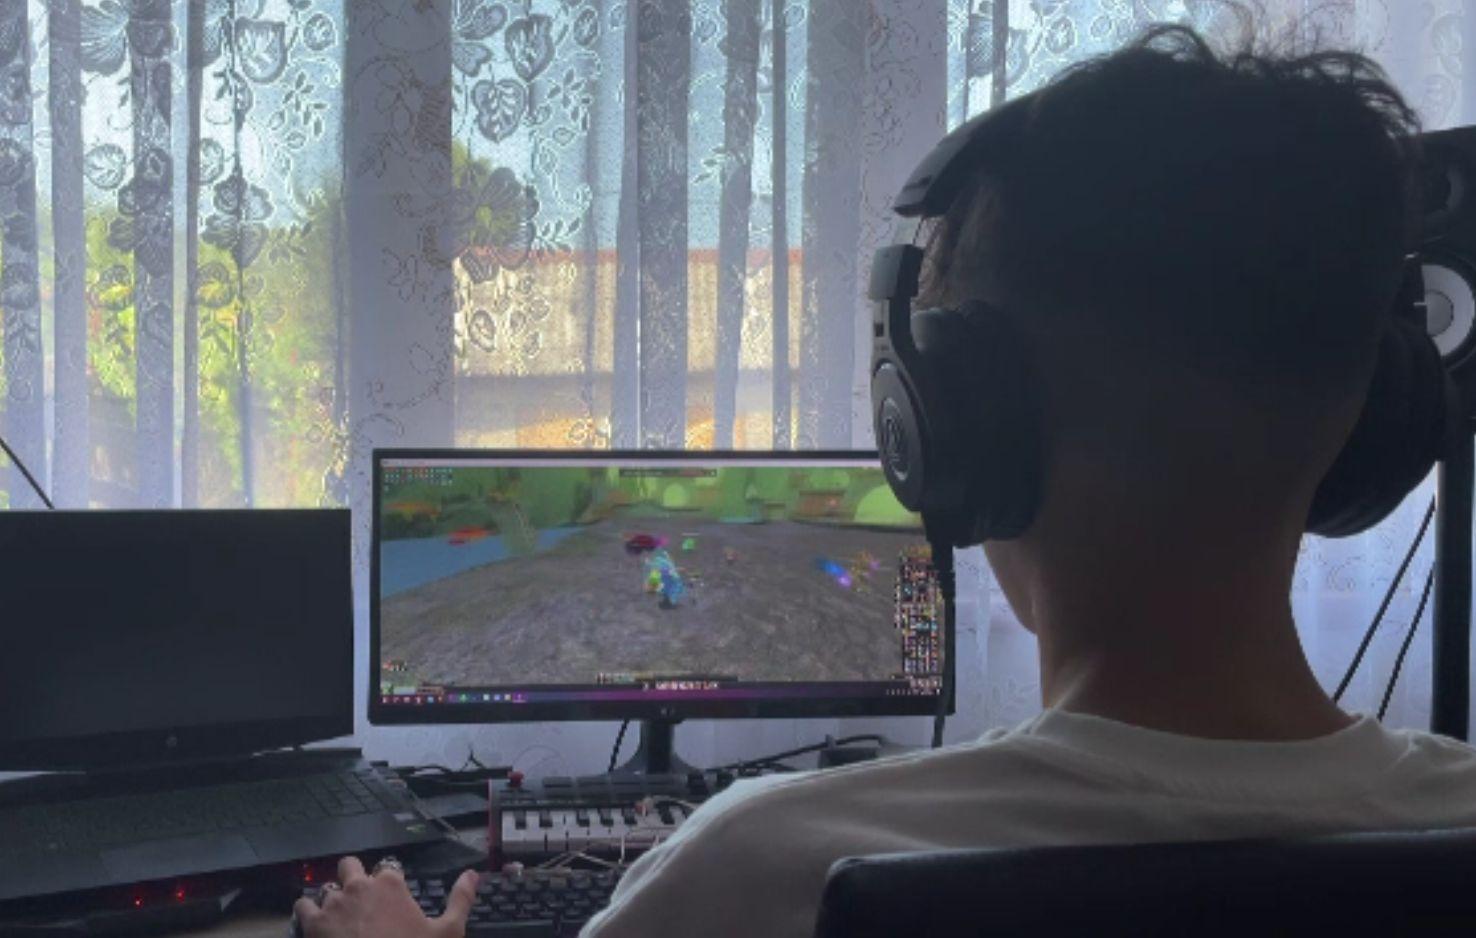 Tânărul care a câștigat peste 30.000 de euro din jocuri video a scăpat de închisoare după ce a achitat prejudiciul majorat